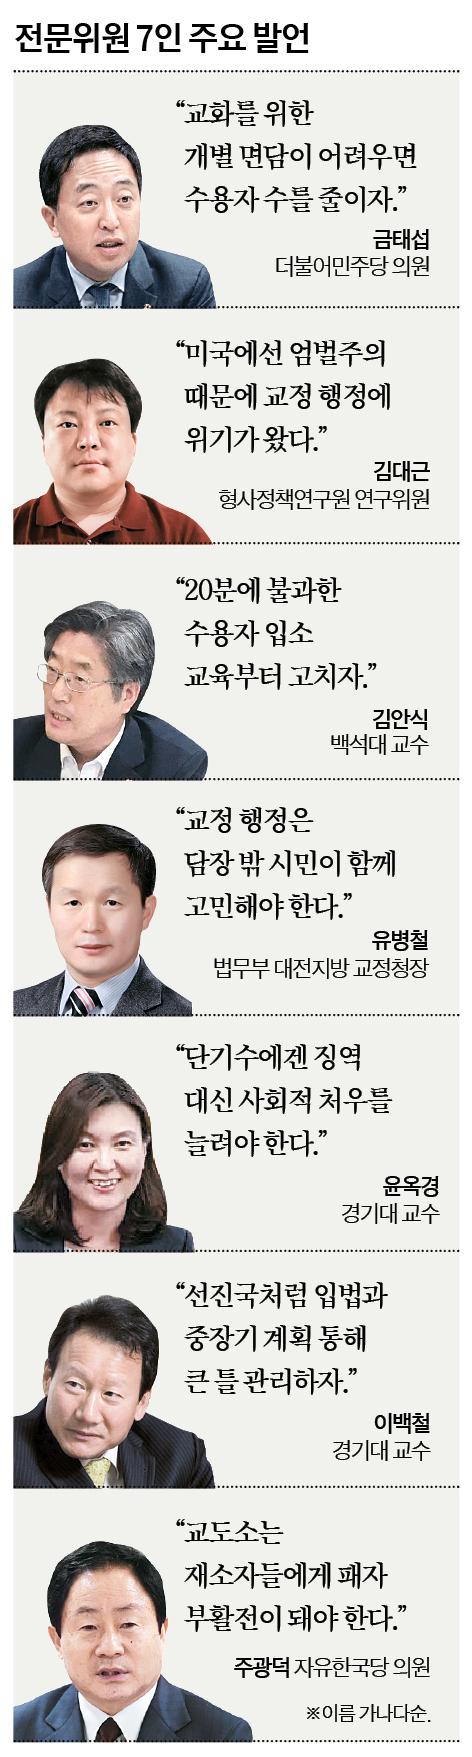 전문위원 7인 주요발언